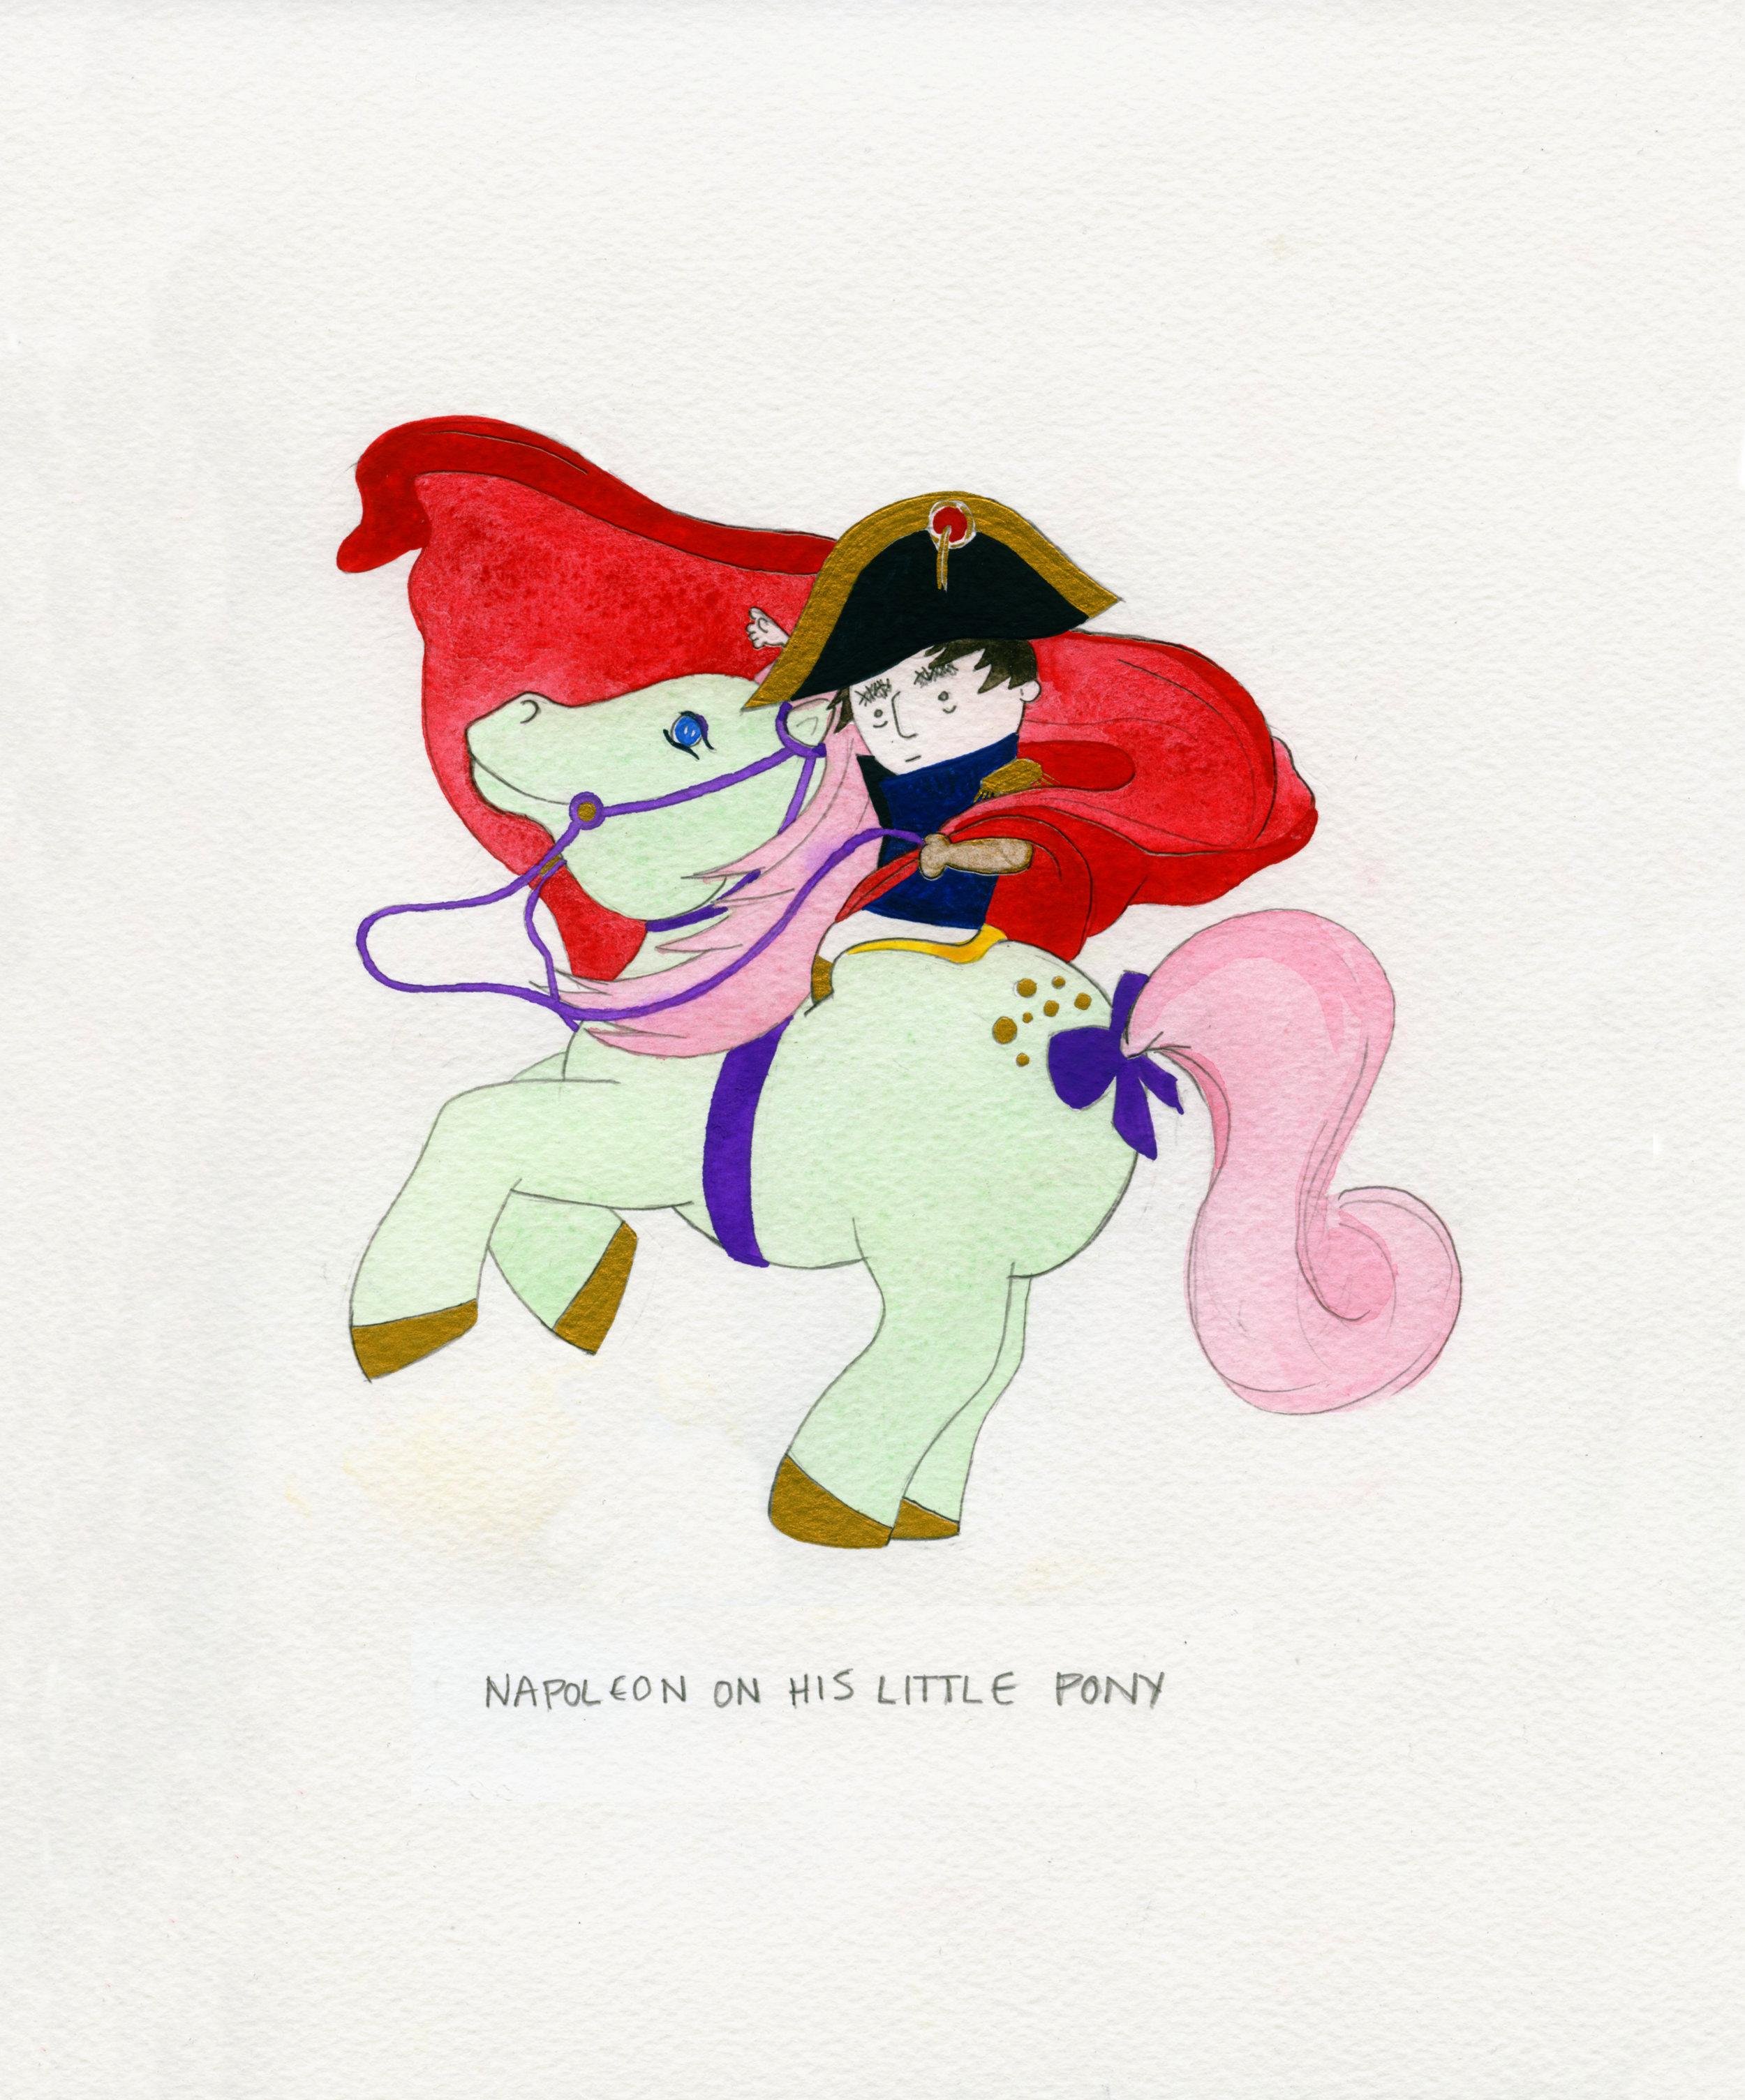 Napoleon on His Little Pony